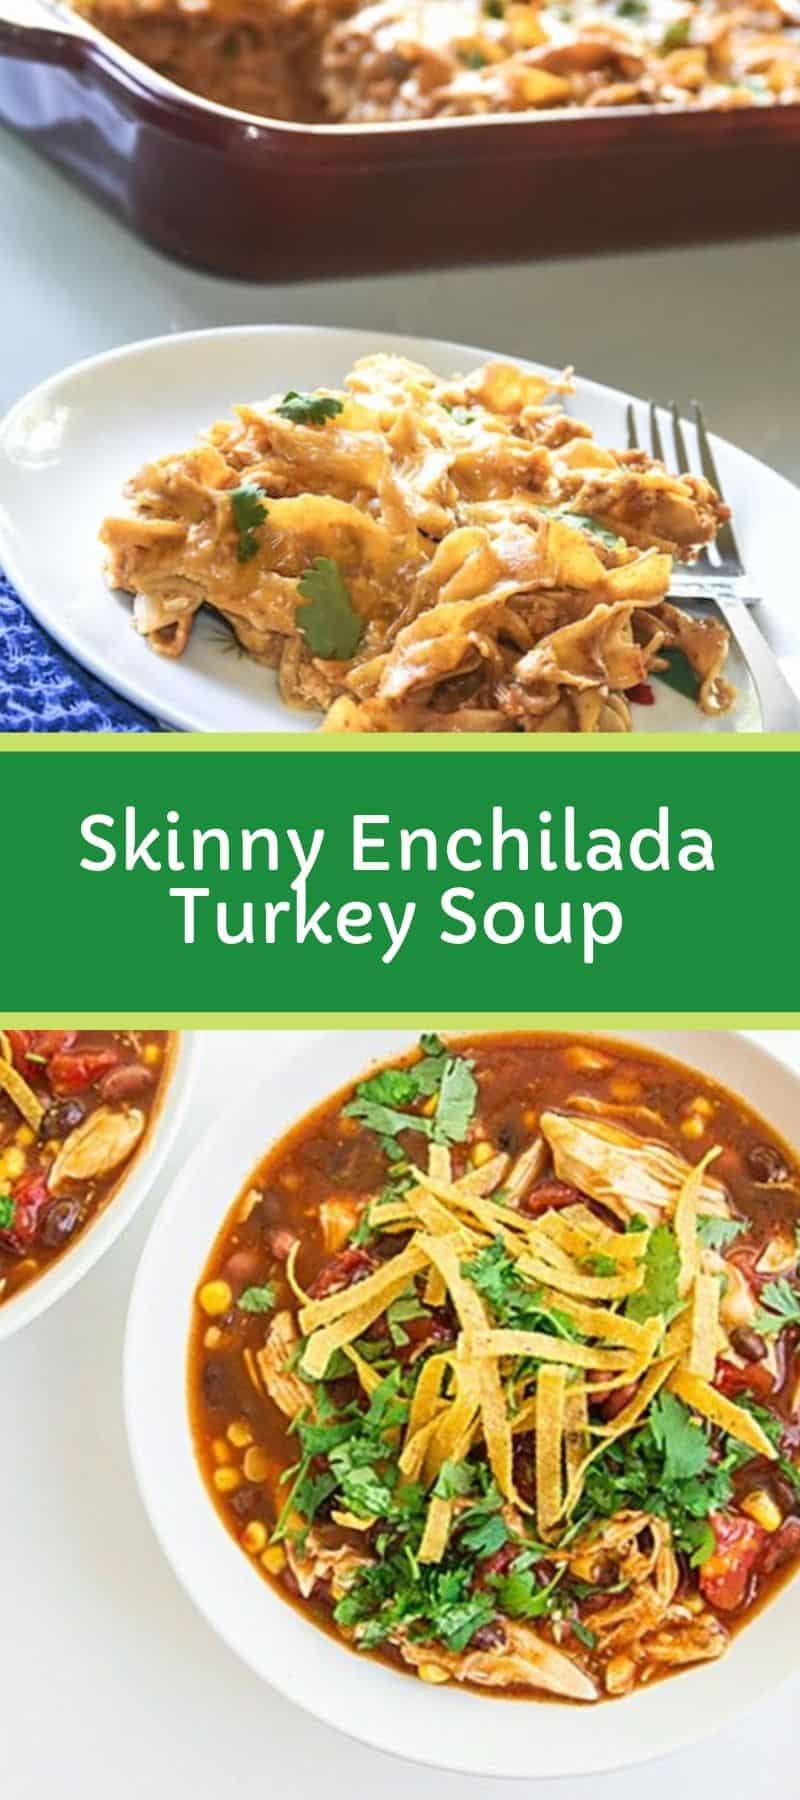 Skinny Enchilada Turkey Soup 3